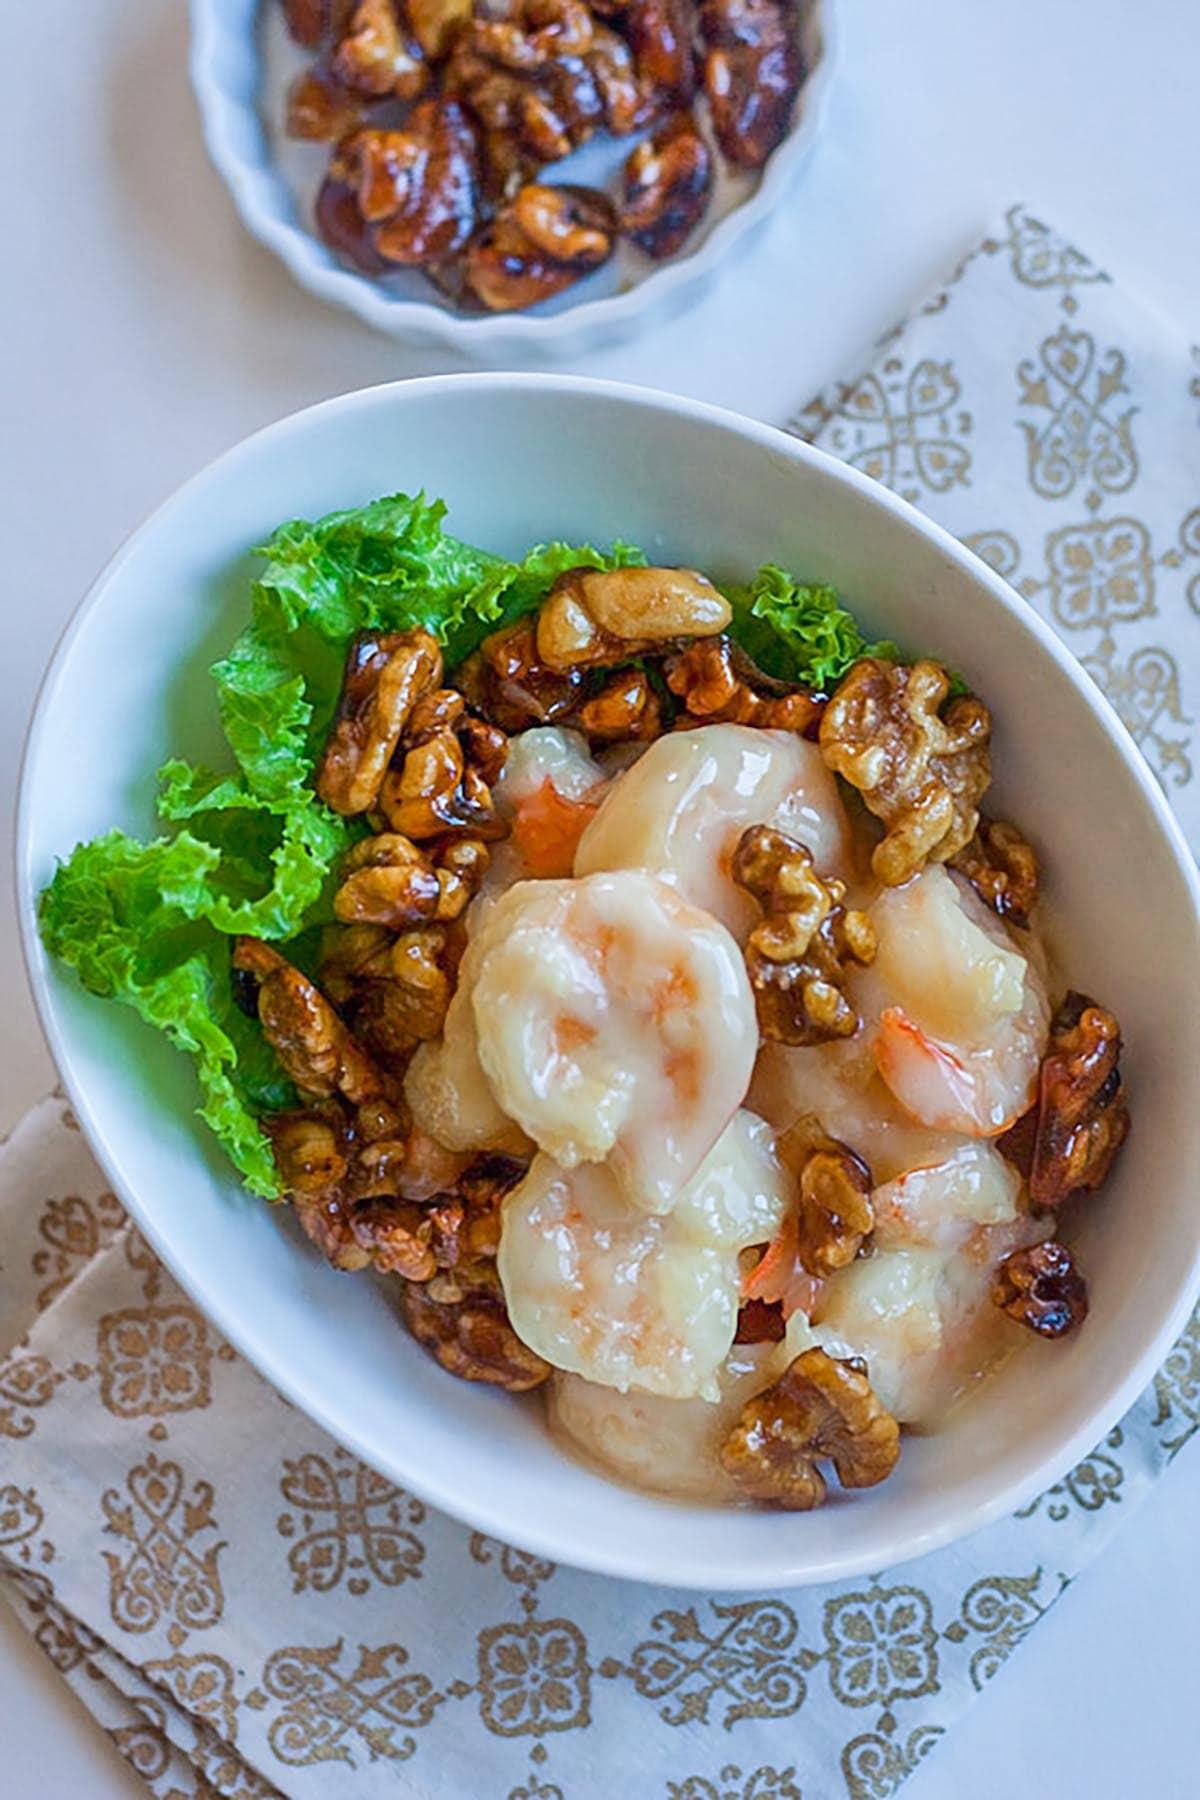 Crevettes au miel et aux noix dans un bol blanc, aux noix confites, prêtes à être servies.